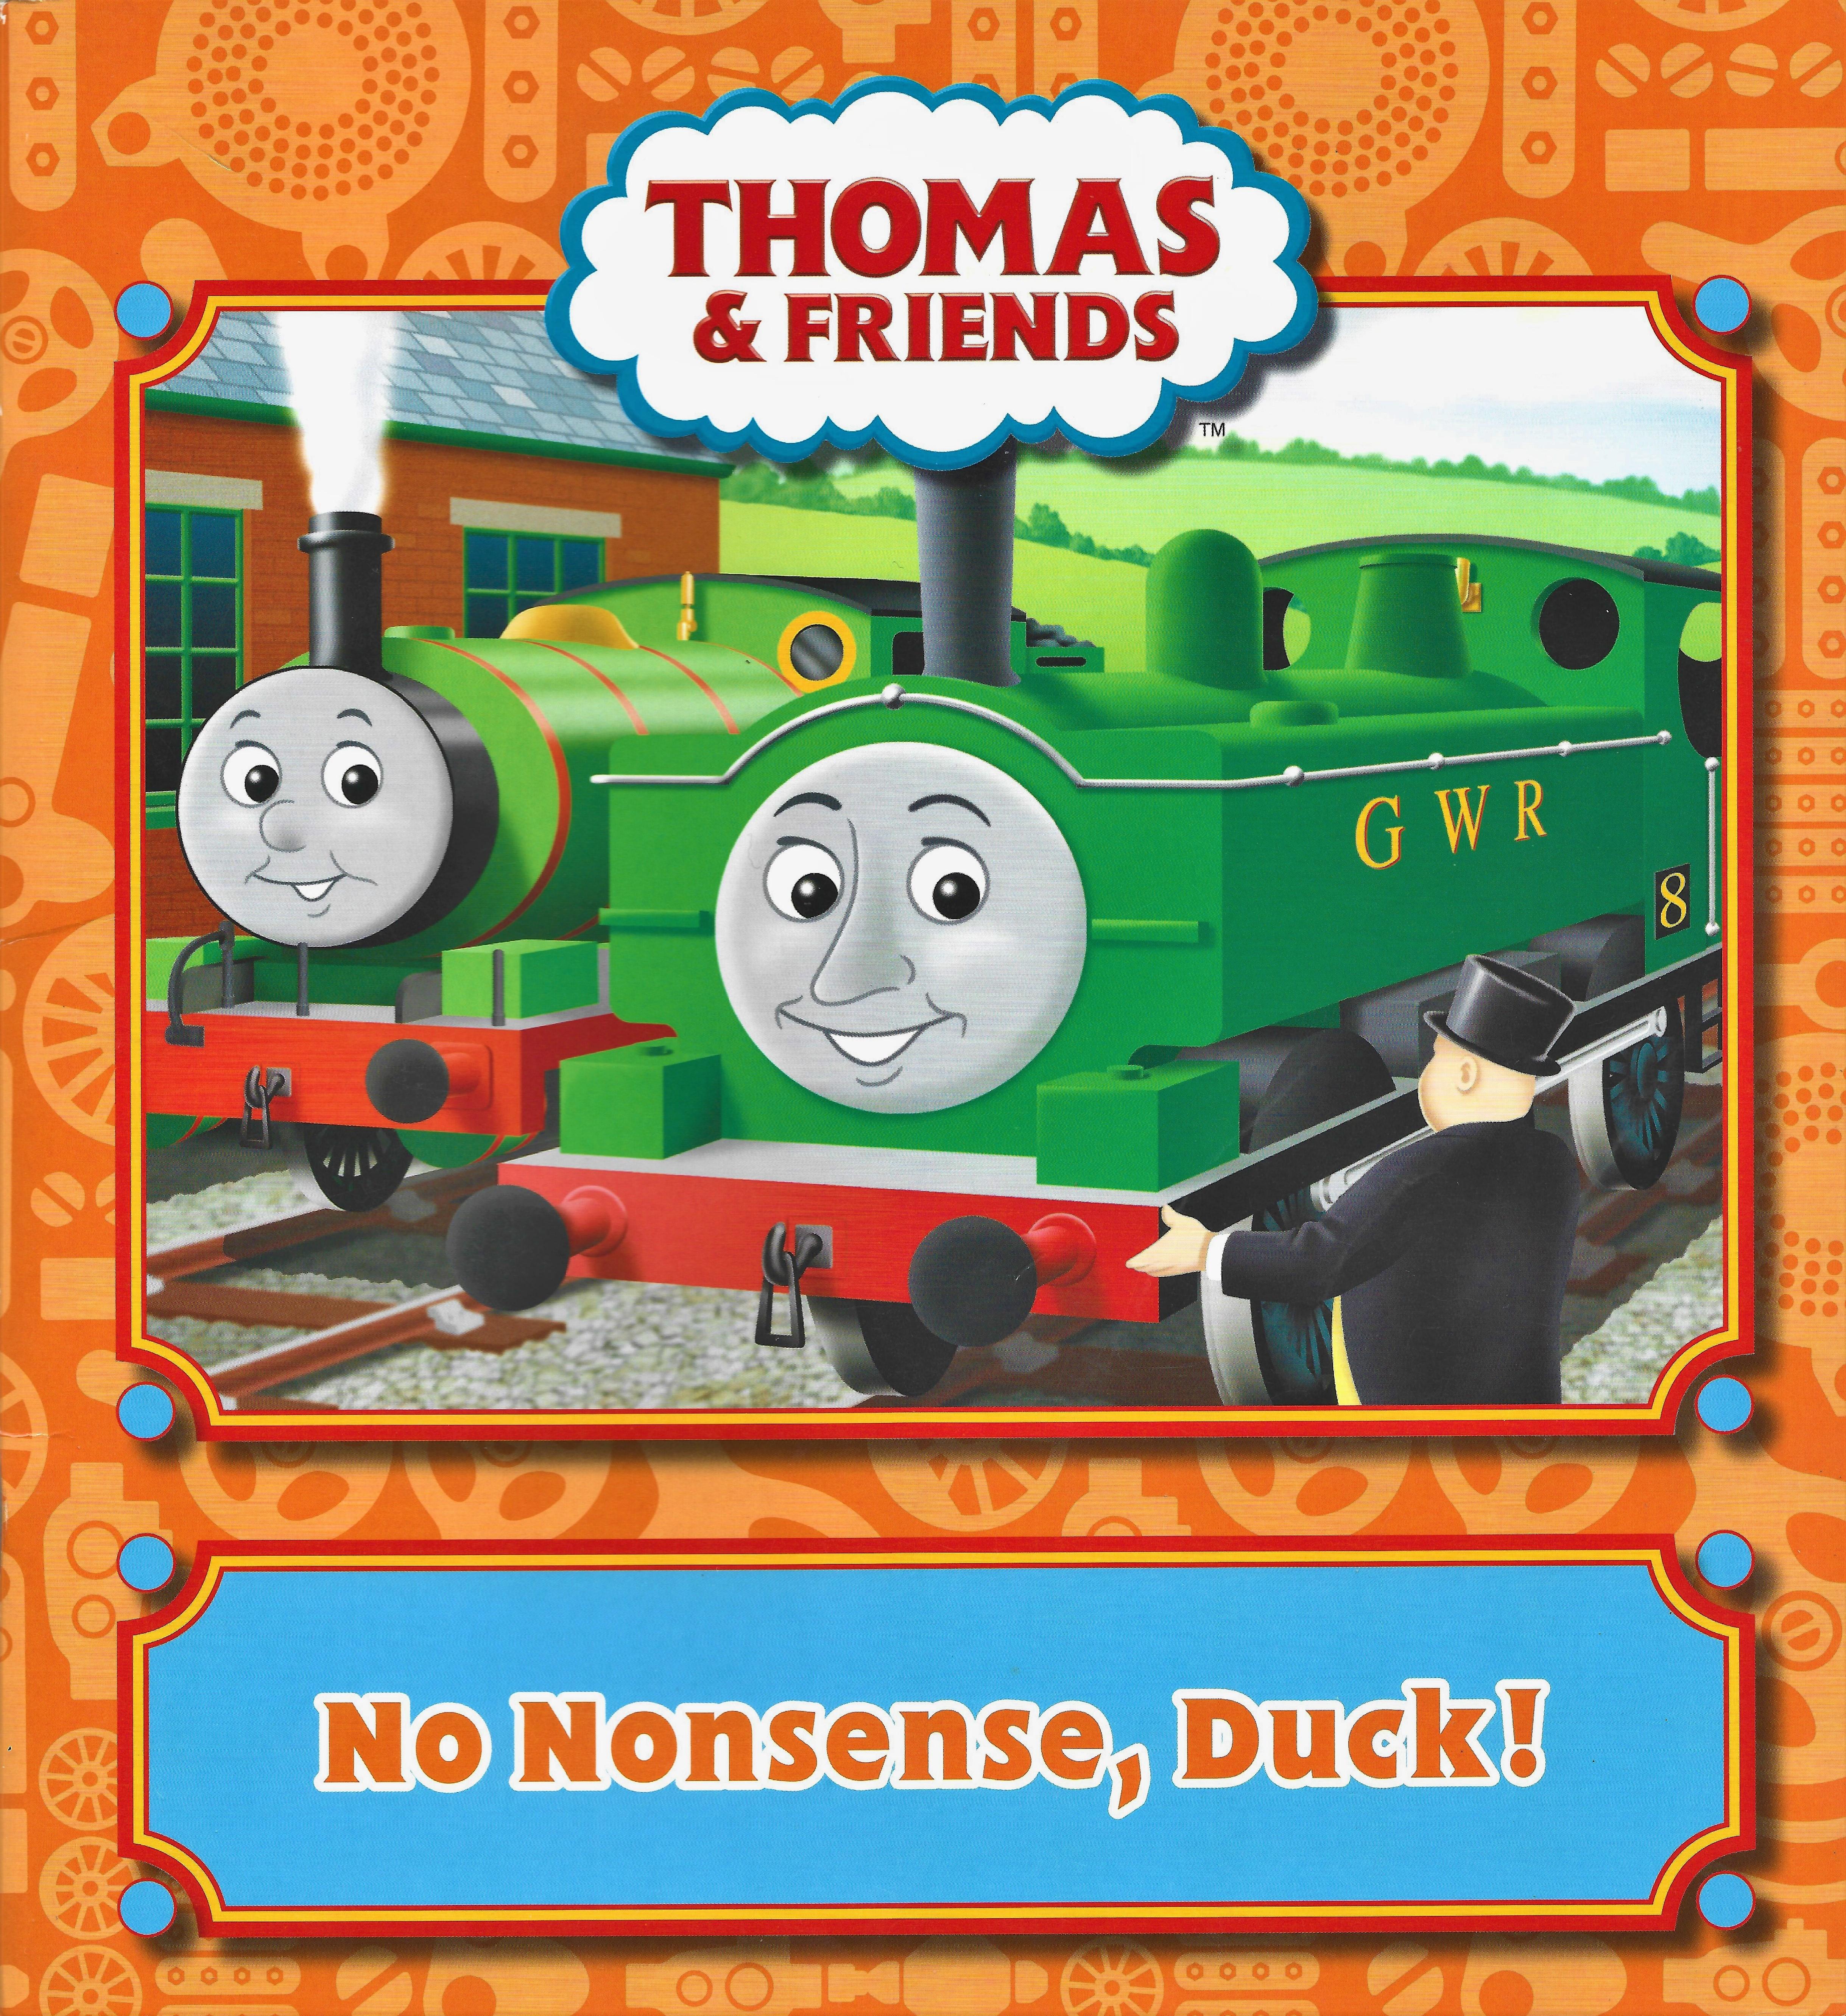 File:NoNonsense,Duck!.jpg